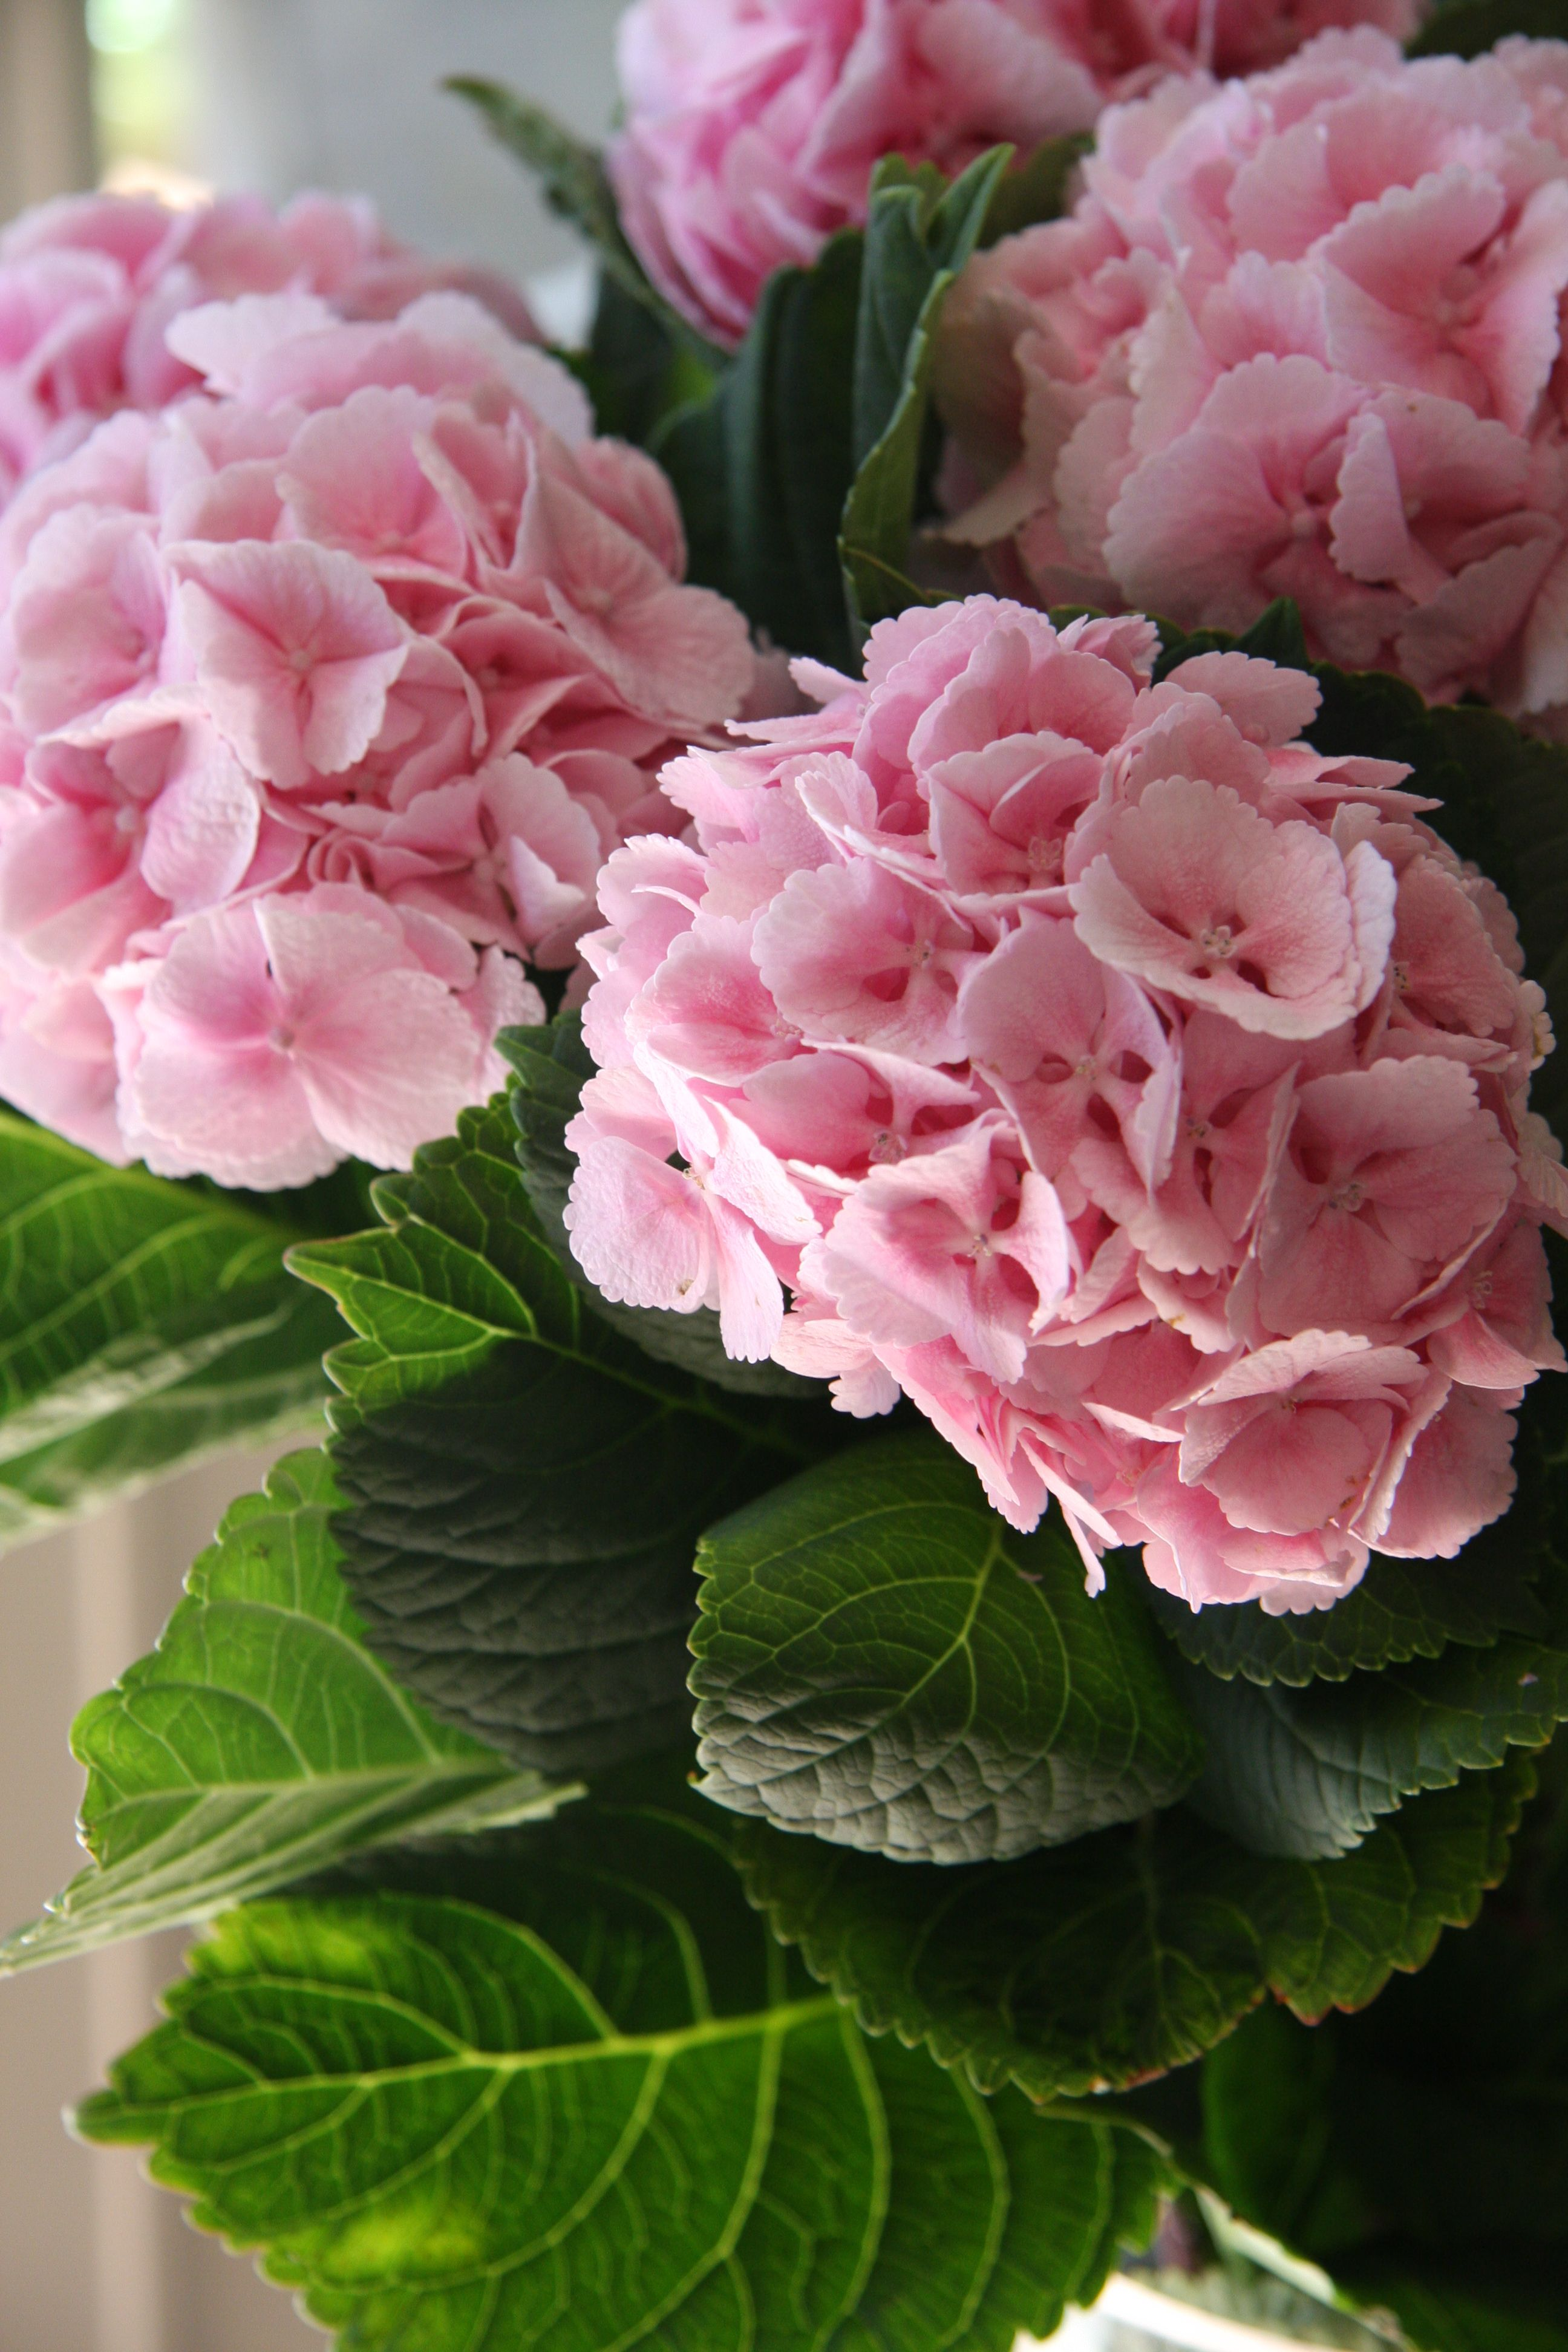 hydrangea lollipop pink, love these!!! Hydrangea flower